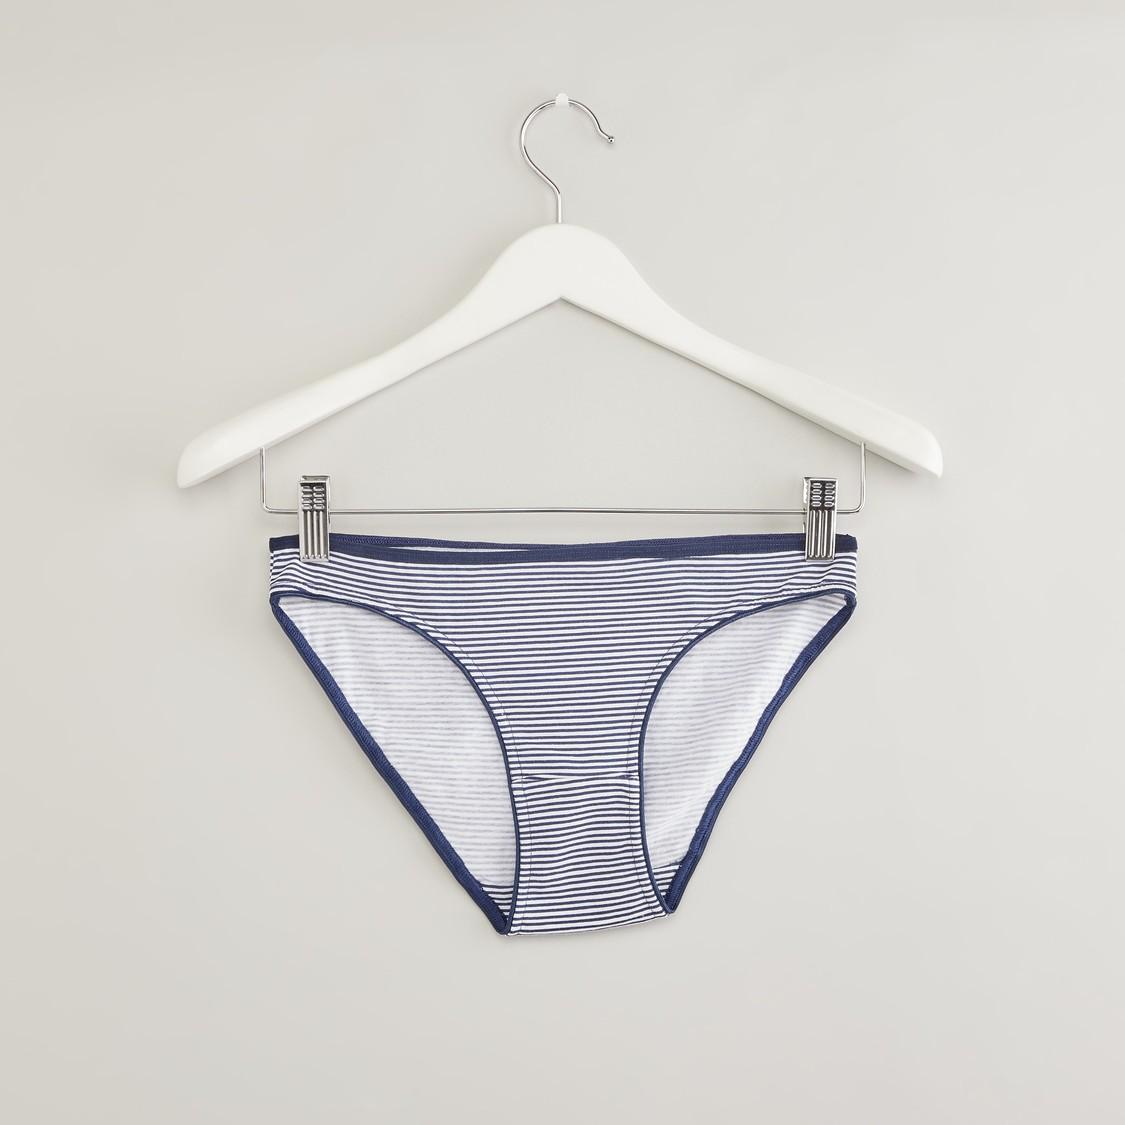 ملابس داخلية بكيني بخصر مطاطي - طقم من 5 قطع